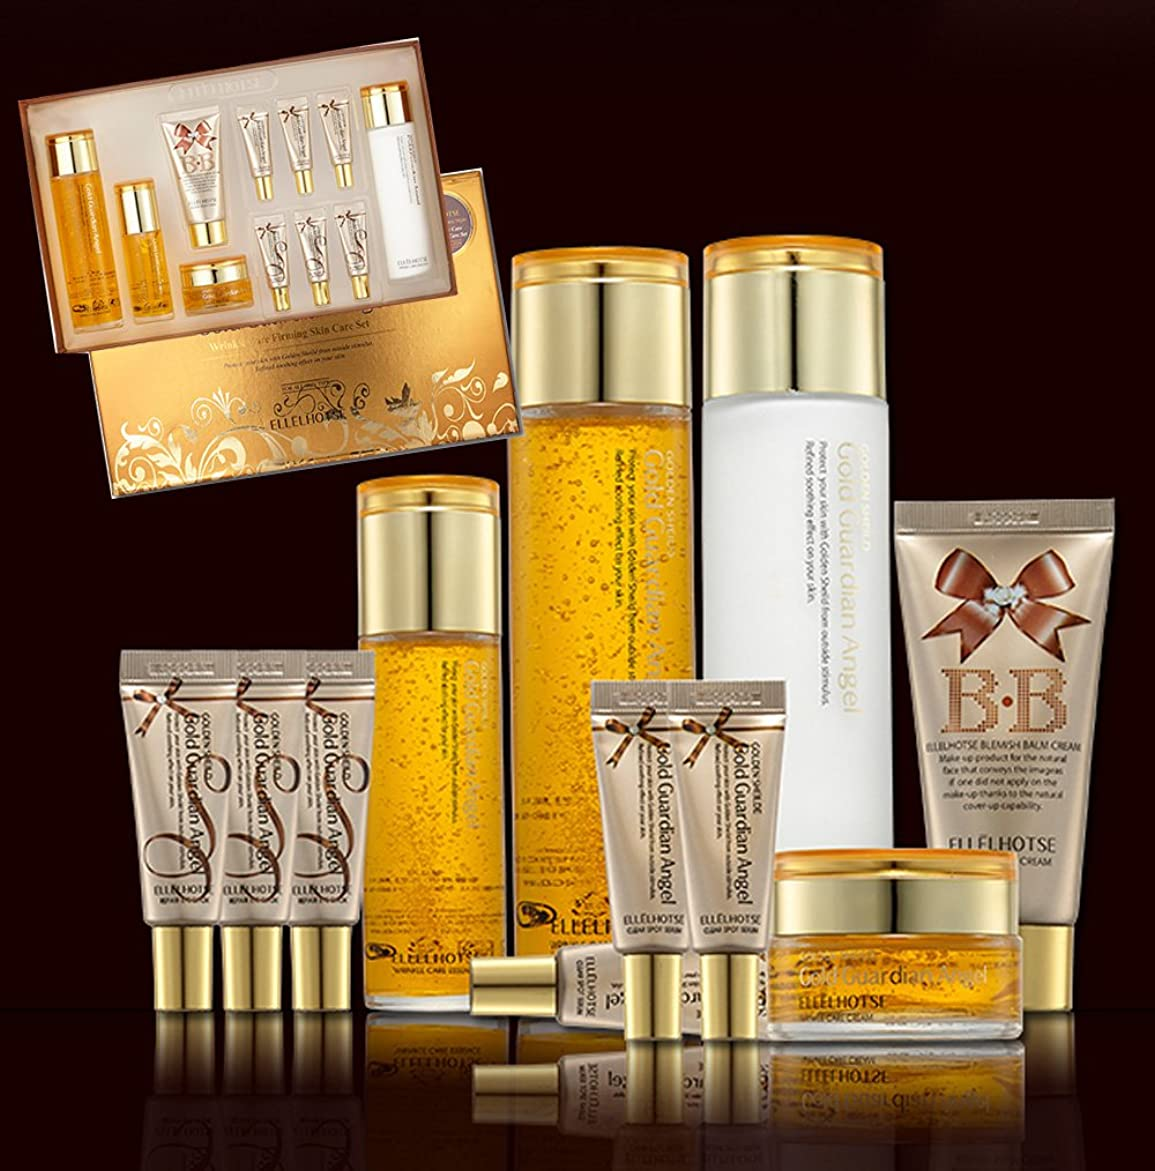 追加ジュニア知覚的[ELLELHOTSE]ゴールドファーミングスキンケア7set/弾力&柔軟性/コエンザイムQ-10/韓国の化粧品/Gold Firming Skin Care 7set/resilience & flexibility/coenzyme Q-10/Korean Cosmetics [並行輸入品]